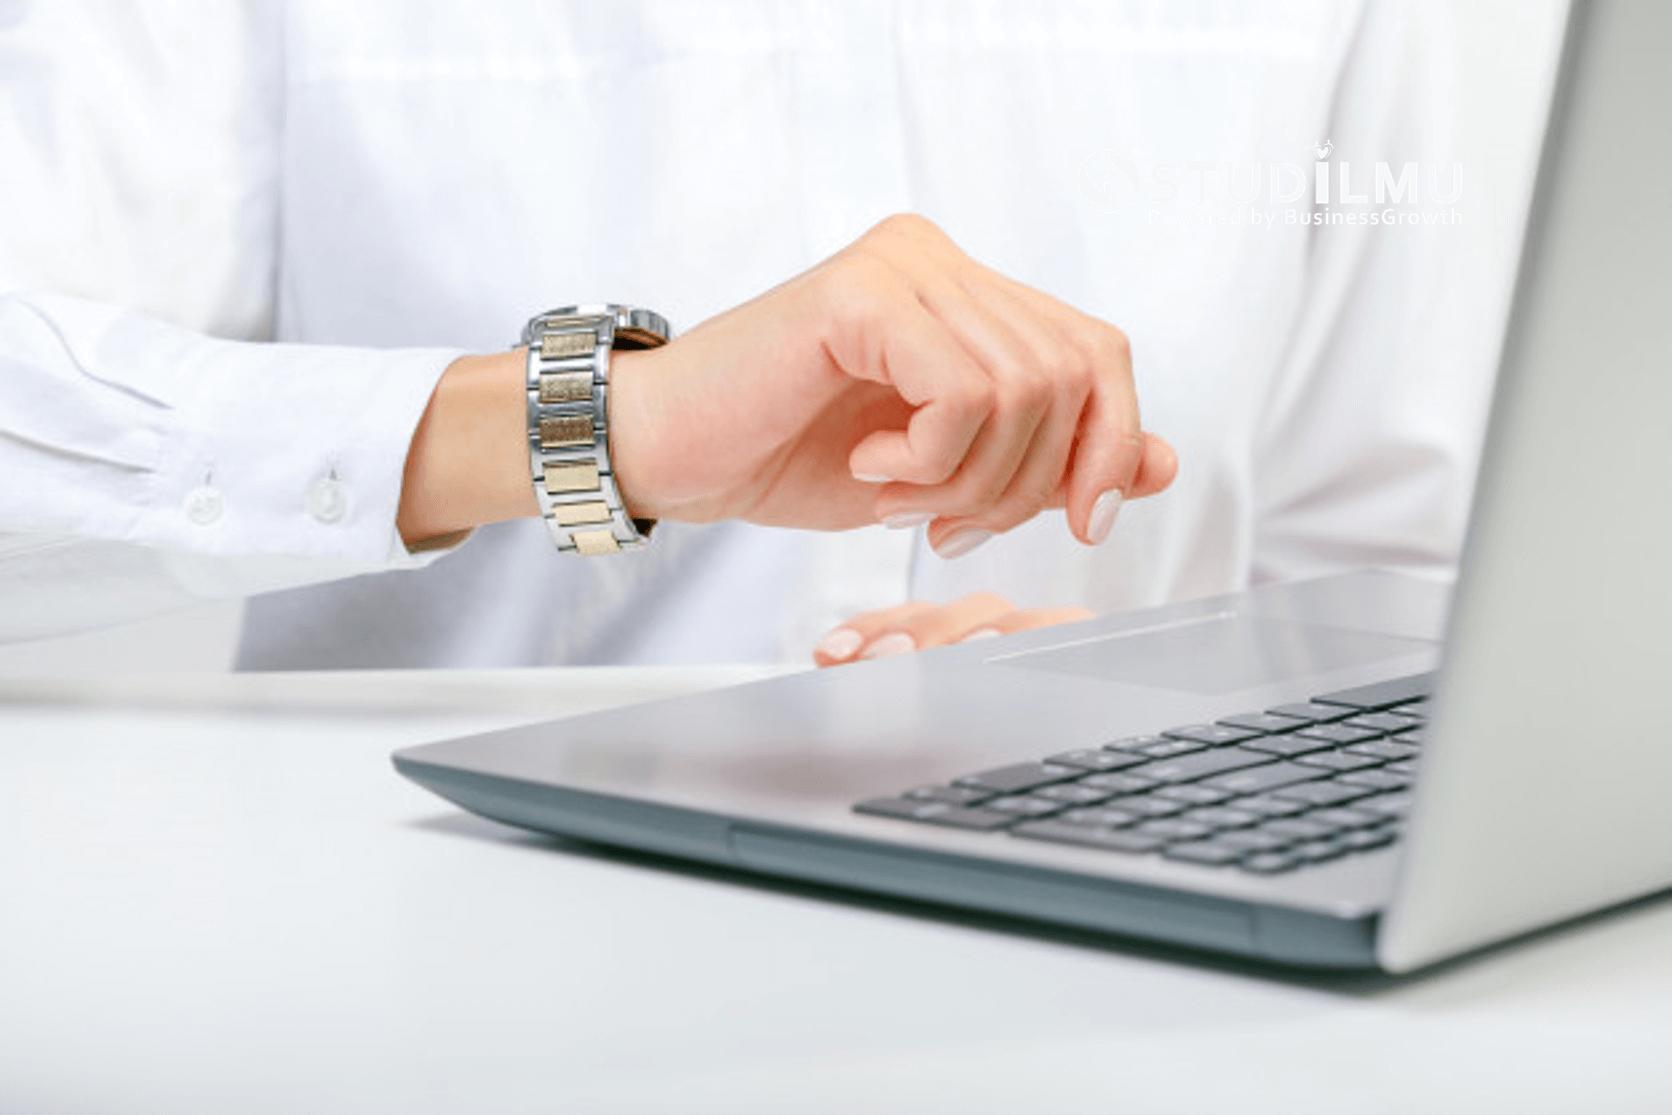 STUDILMU Career Advice - Manajemen Waktu Sebenarnya Hanya Membuang Waktu